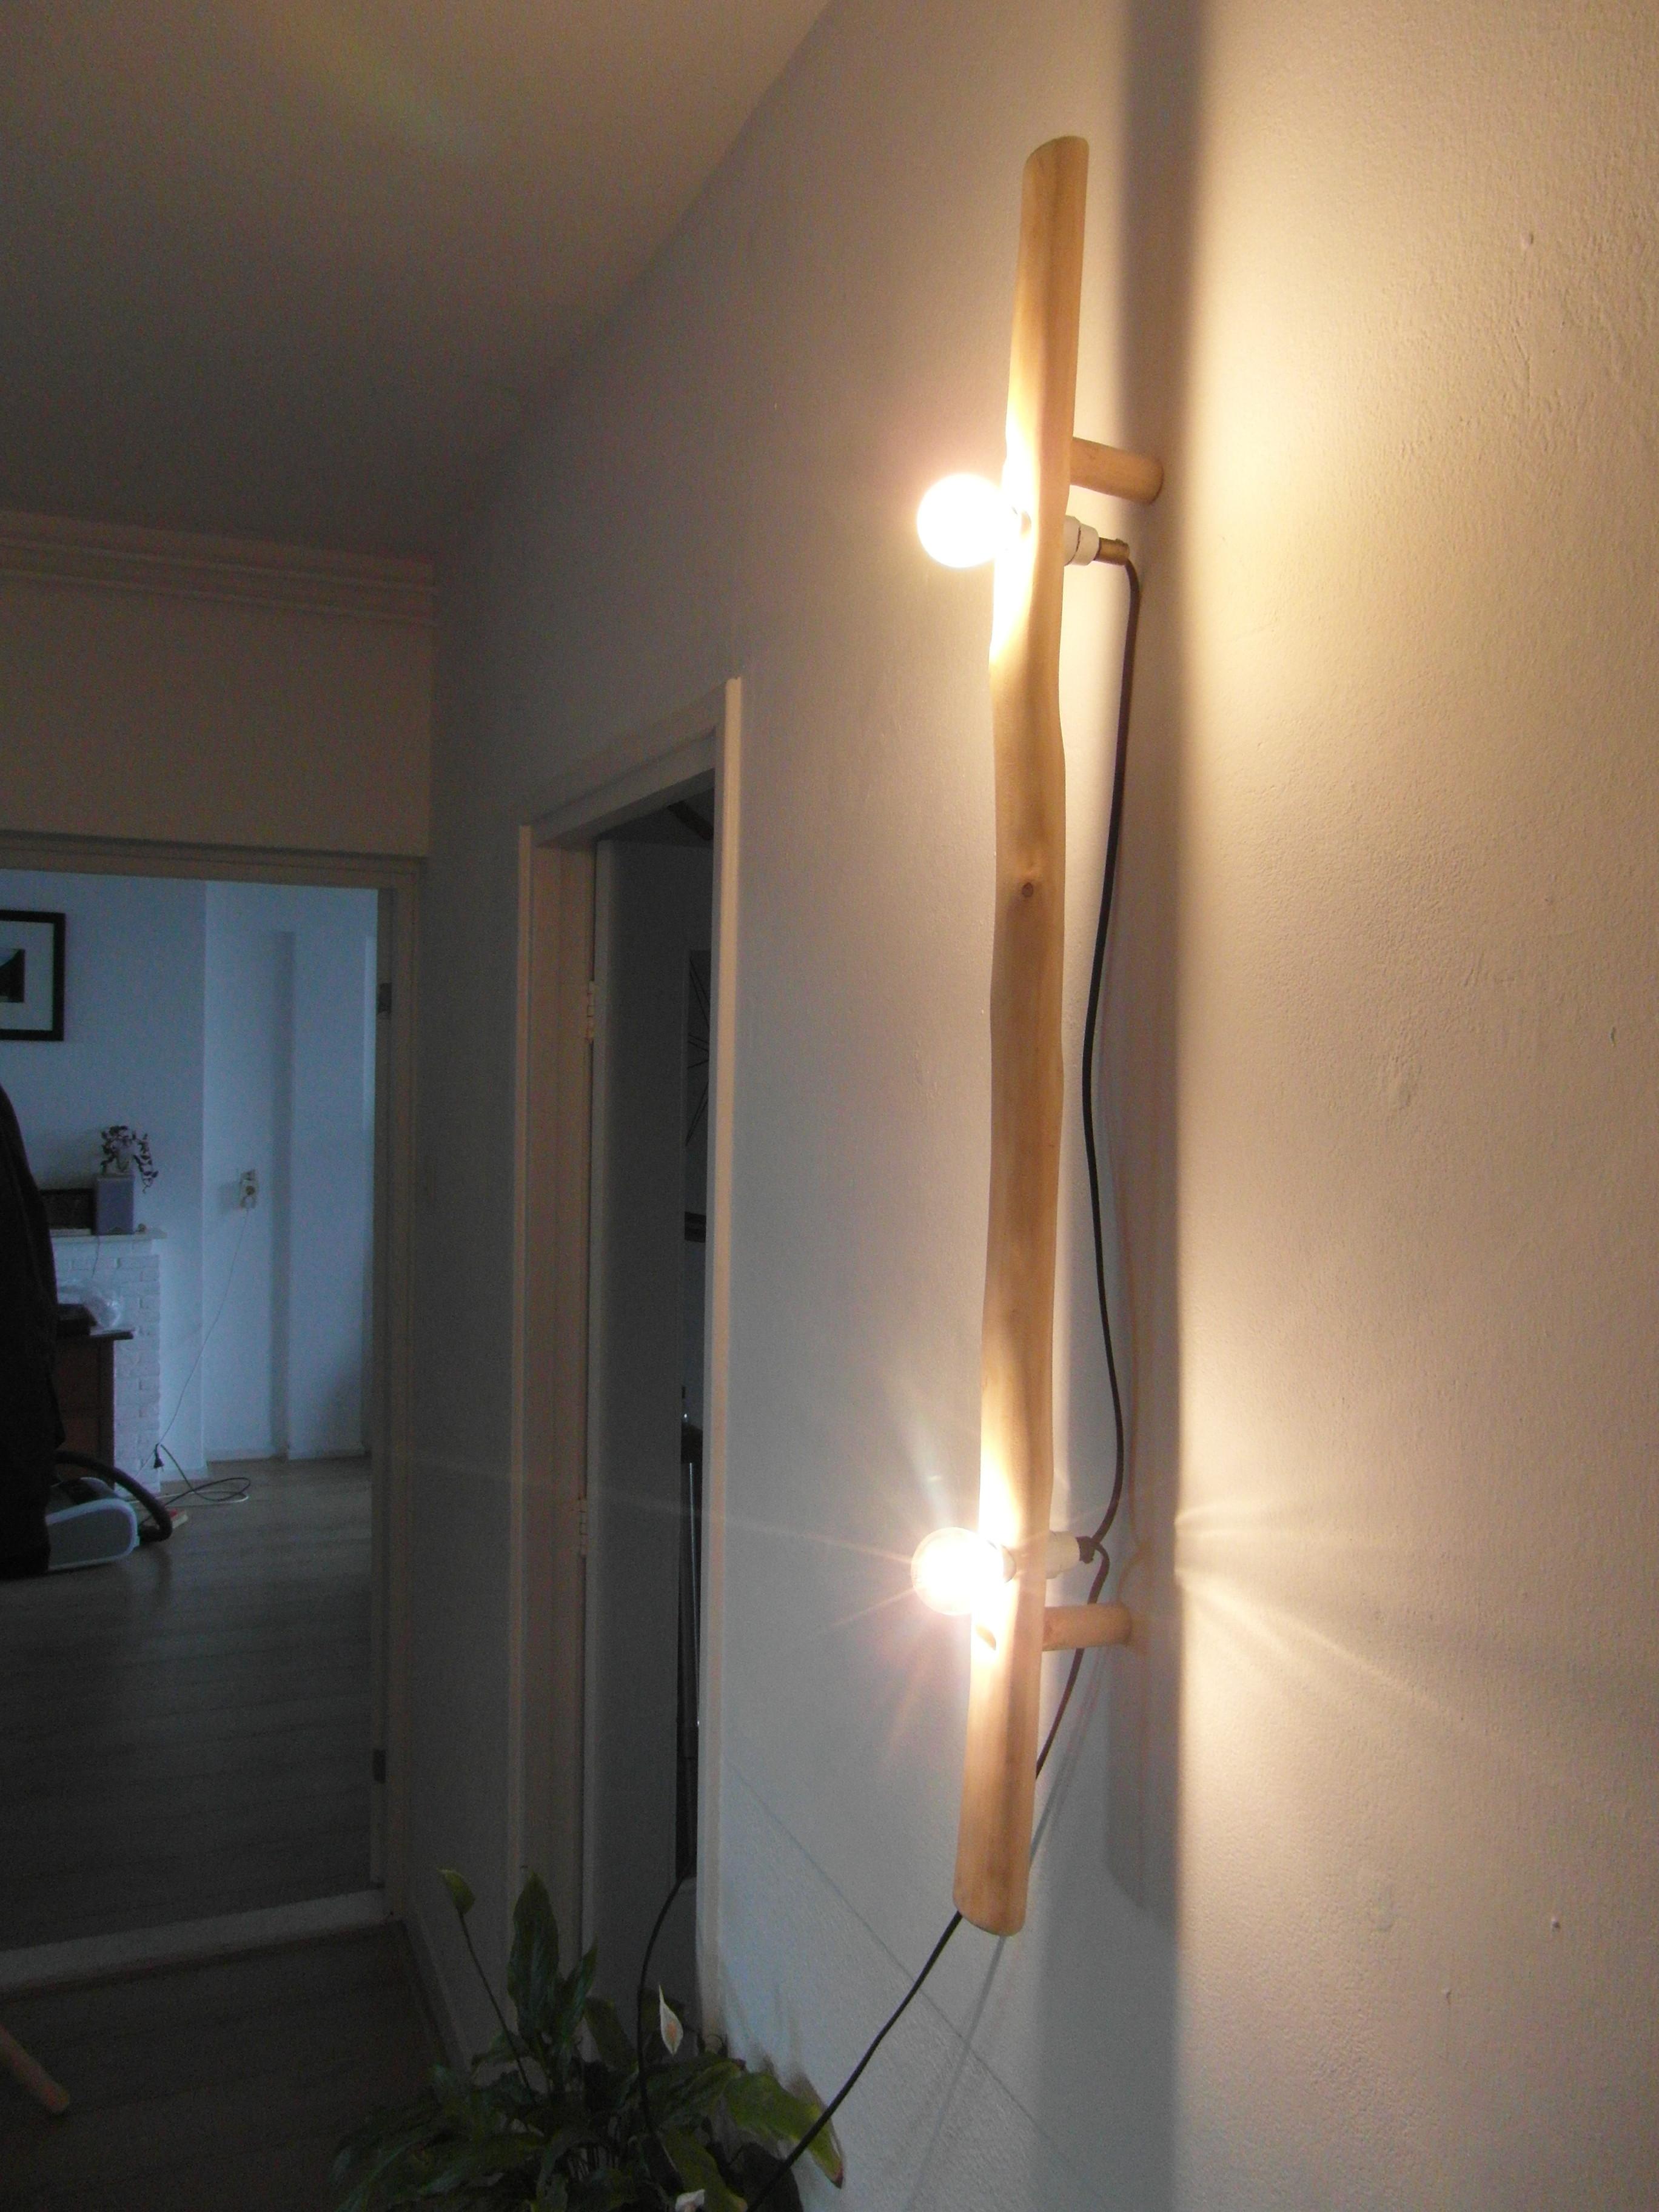 De lamp is ook bijzonder zonder lampenkapjes